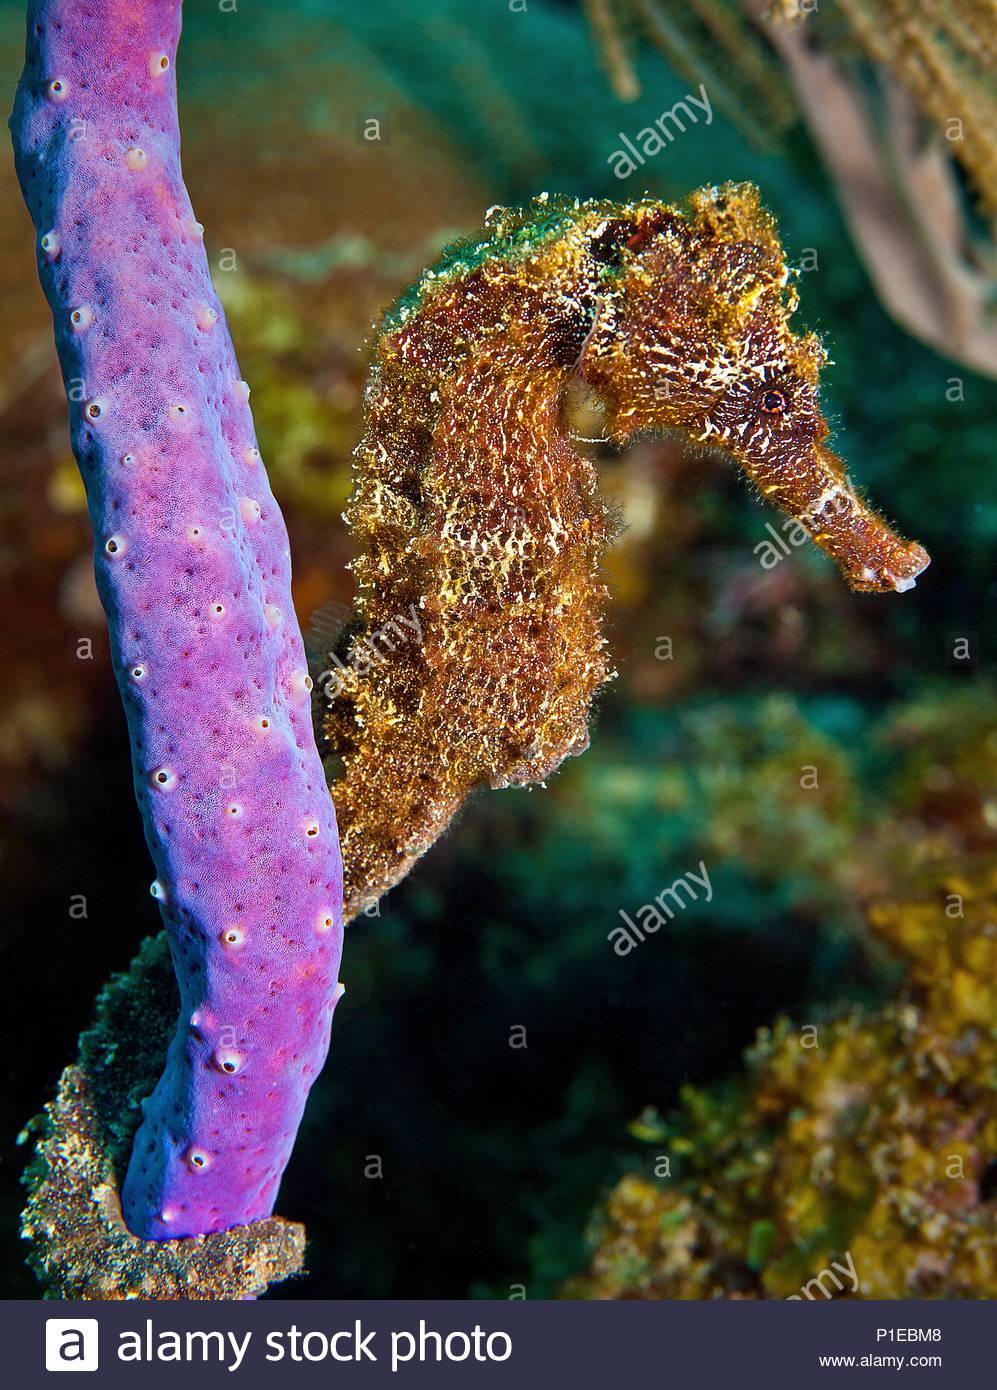 Cavalluccio marino dal muso lungo immagini cavalluccio for Immagini di cavalluccio marino